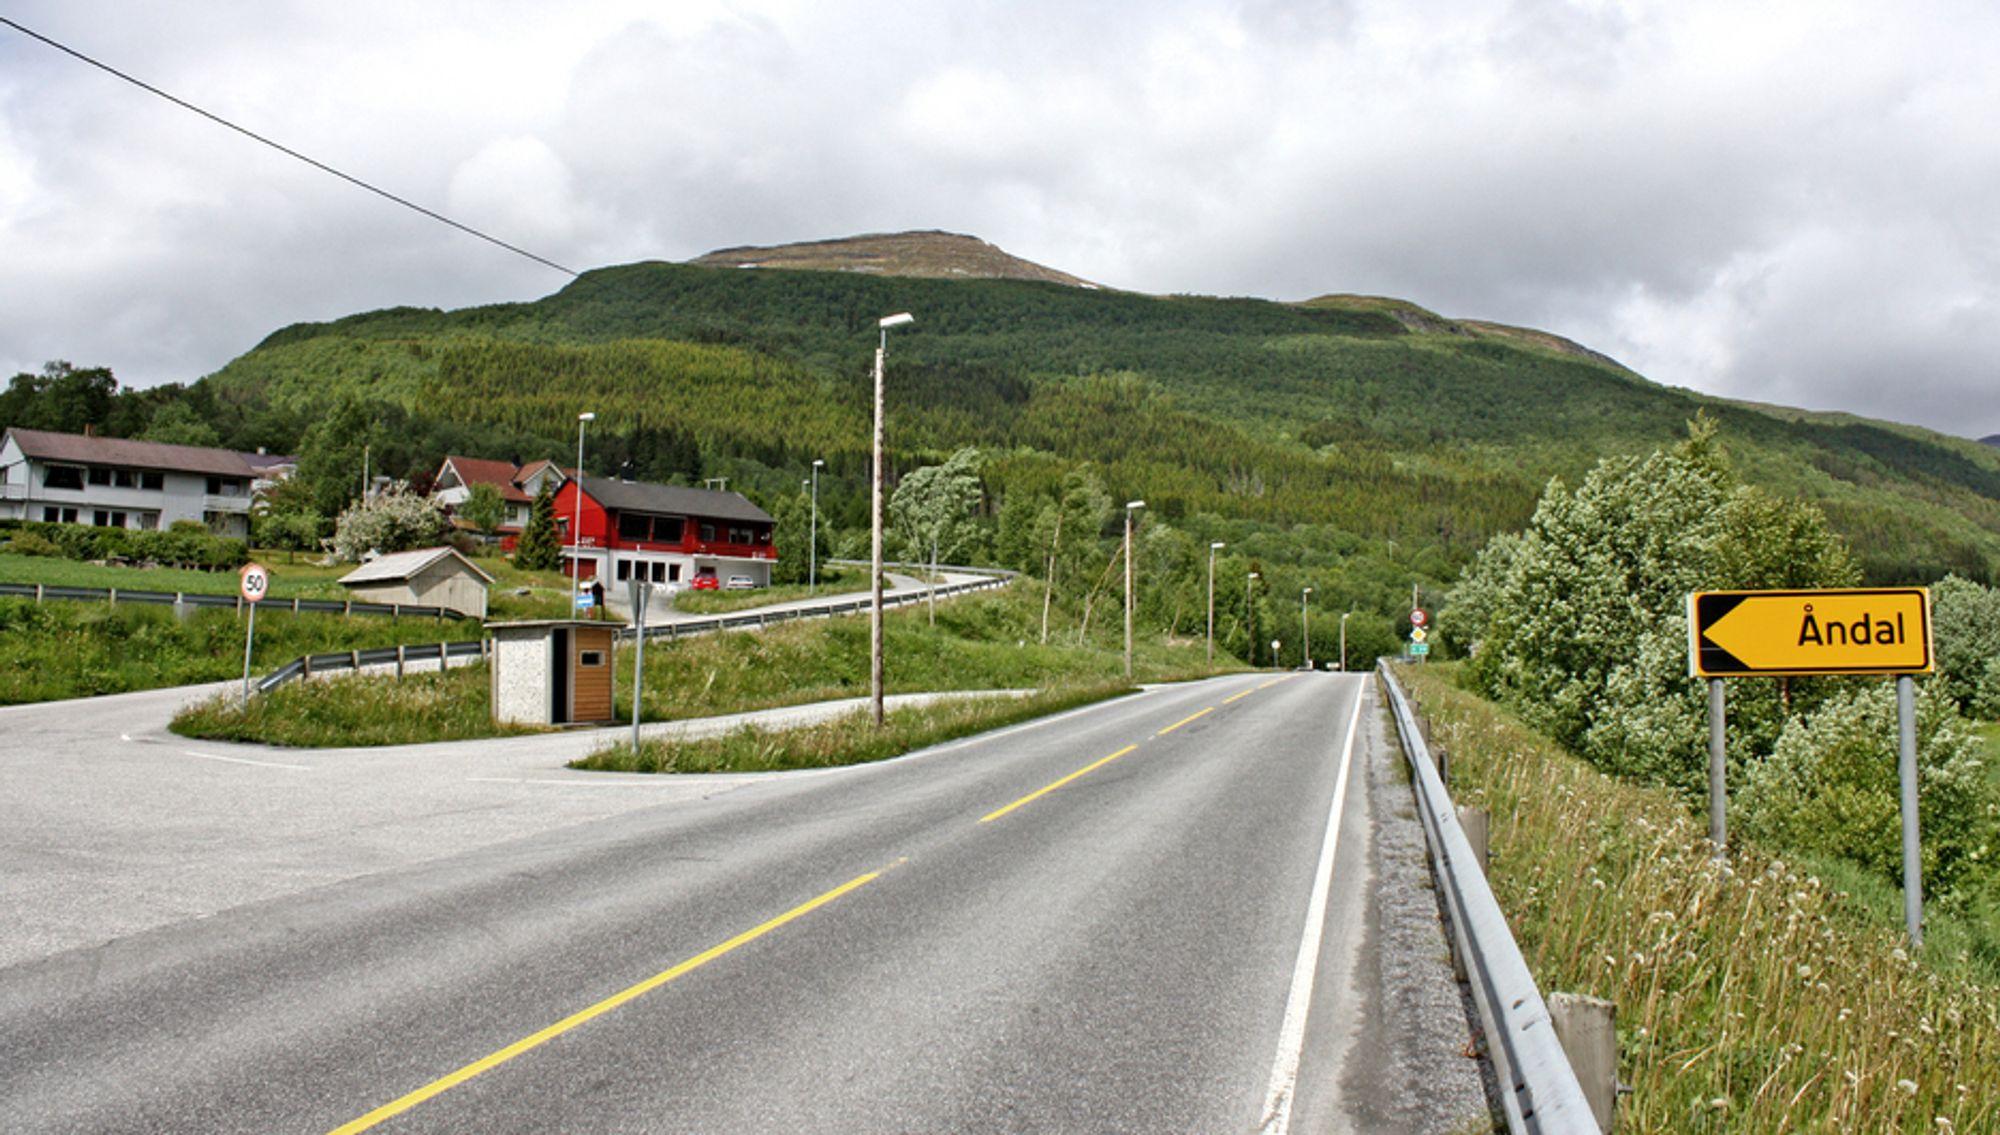 Her på Astad er det ene endepunktet for den 3,3 km lange strekningen som er utlyst. Innen 1. april må Vegvesenet ha anbudene.